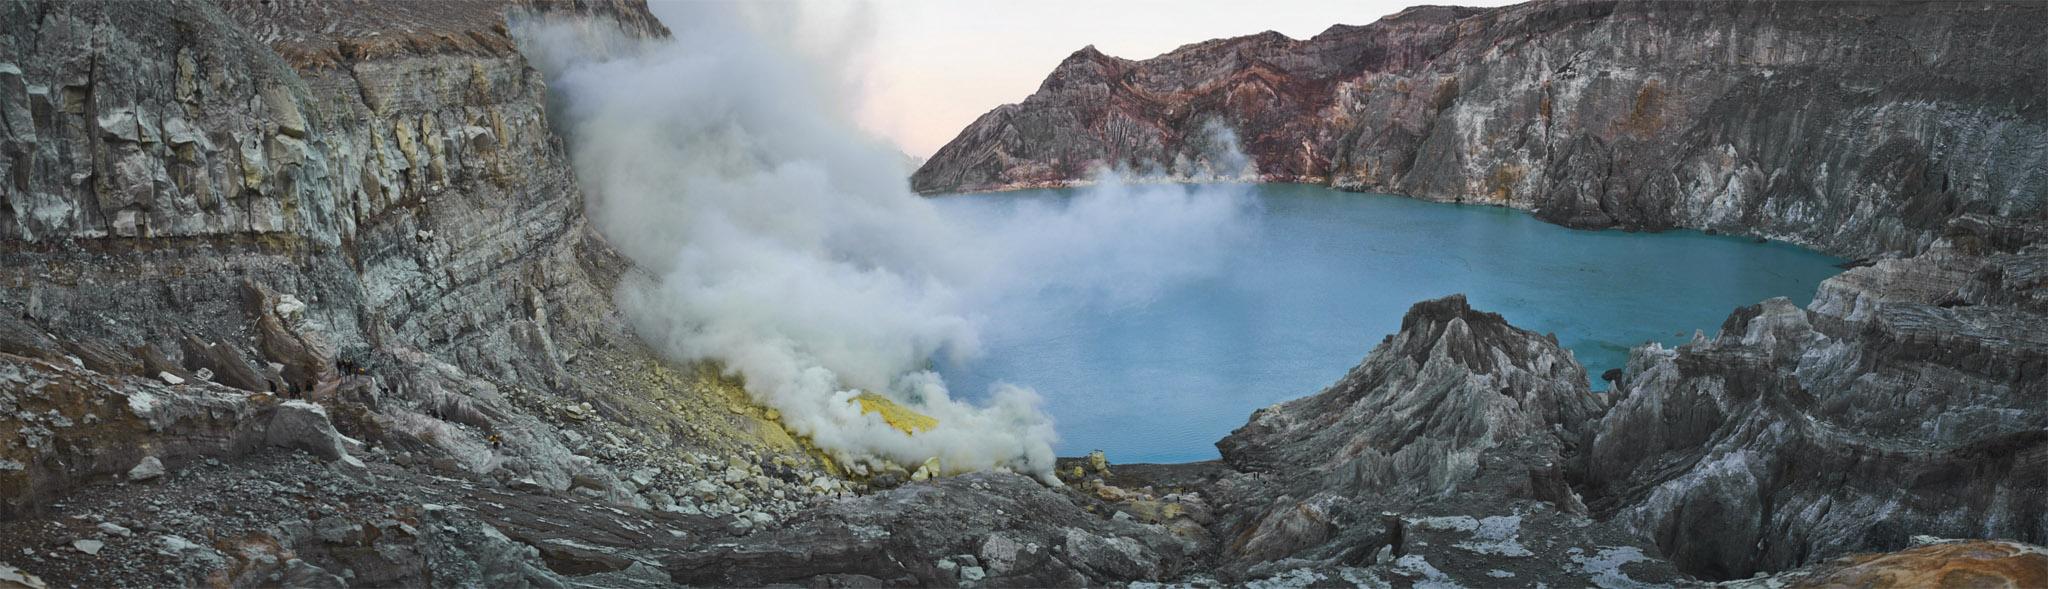 indonezja 0584PANO W siarkowym piekle   Wulkan Ijen